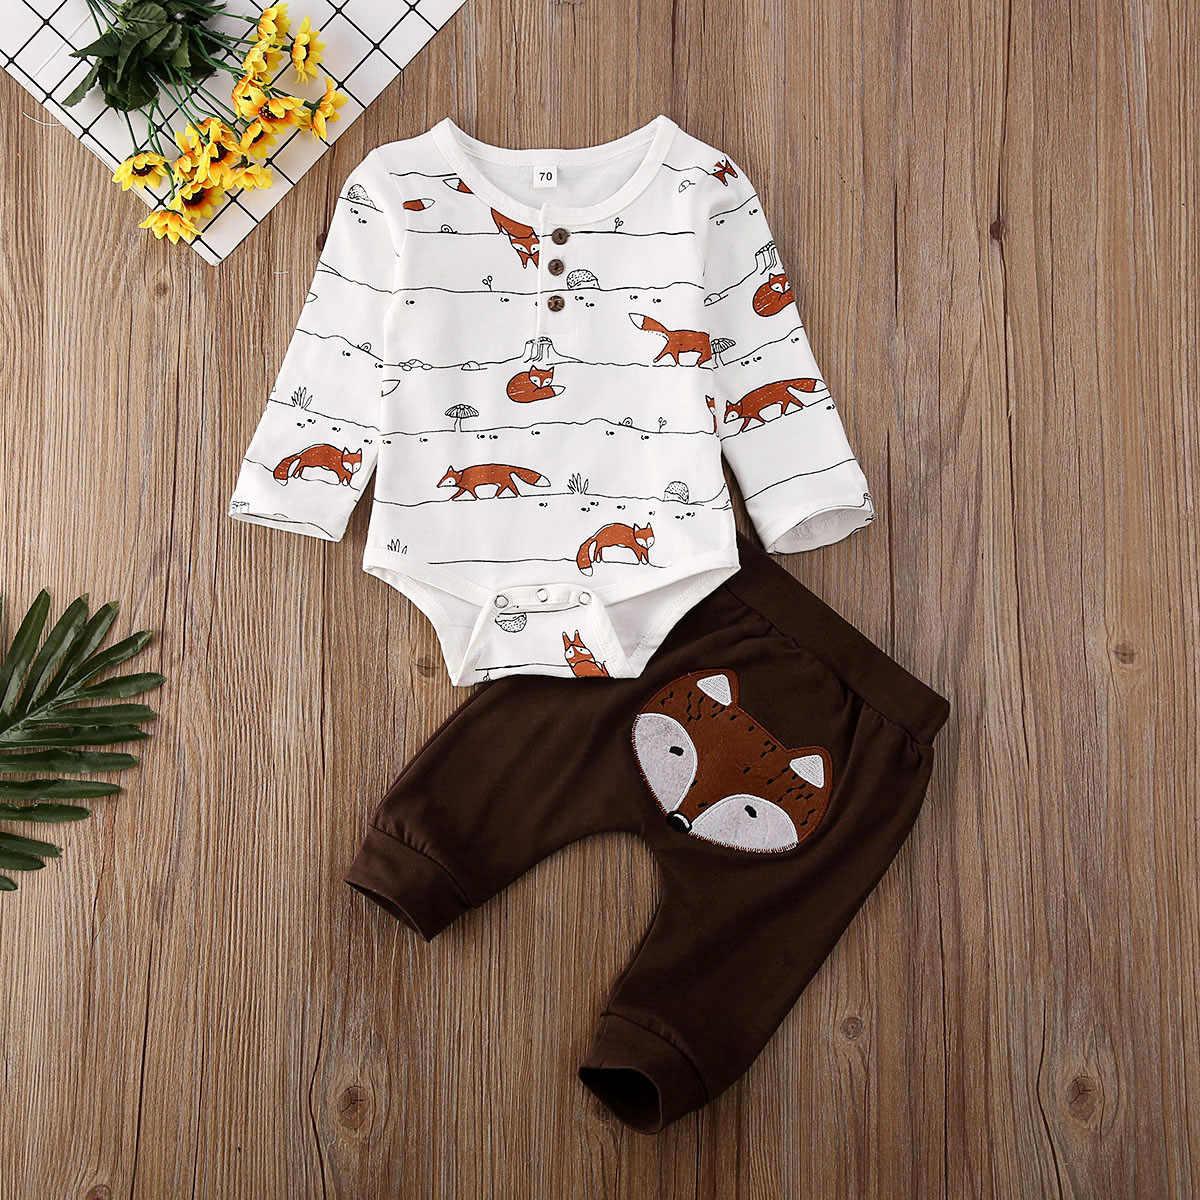 Kami Baru Lahir Bayi Anak Laki-laki Anak Perempuan 0-18M Fox Cetak Baju Romper Celana Panjang Musim Gugur Pakaian Pakaian